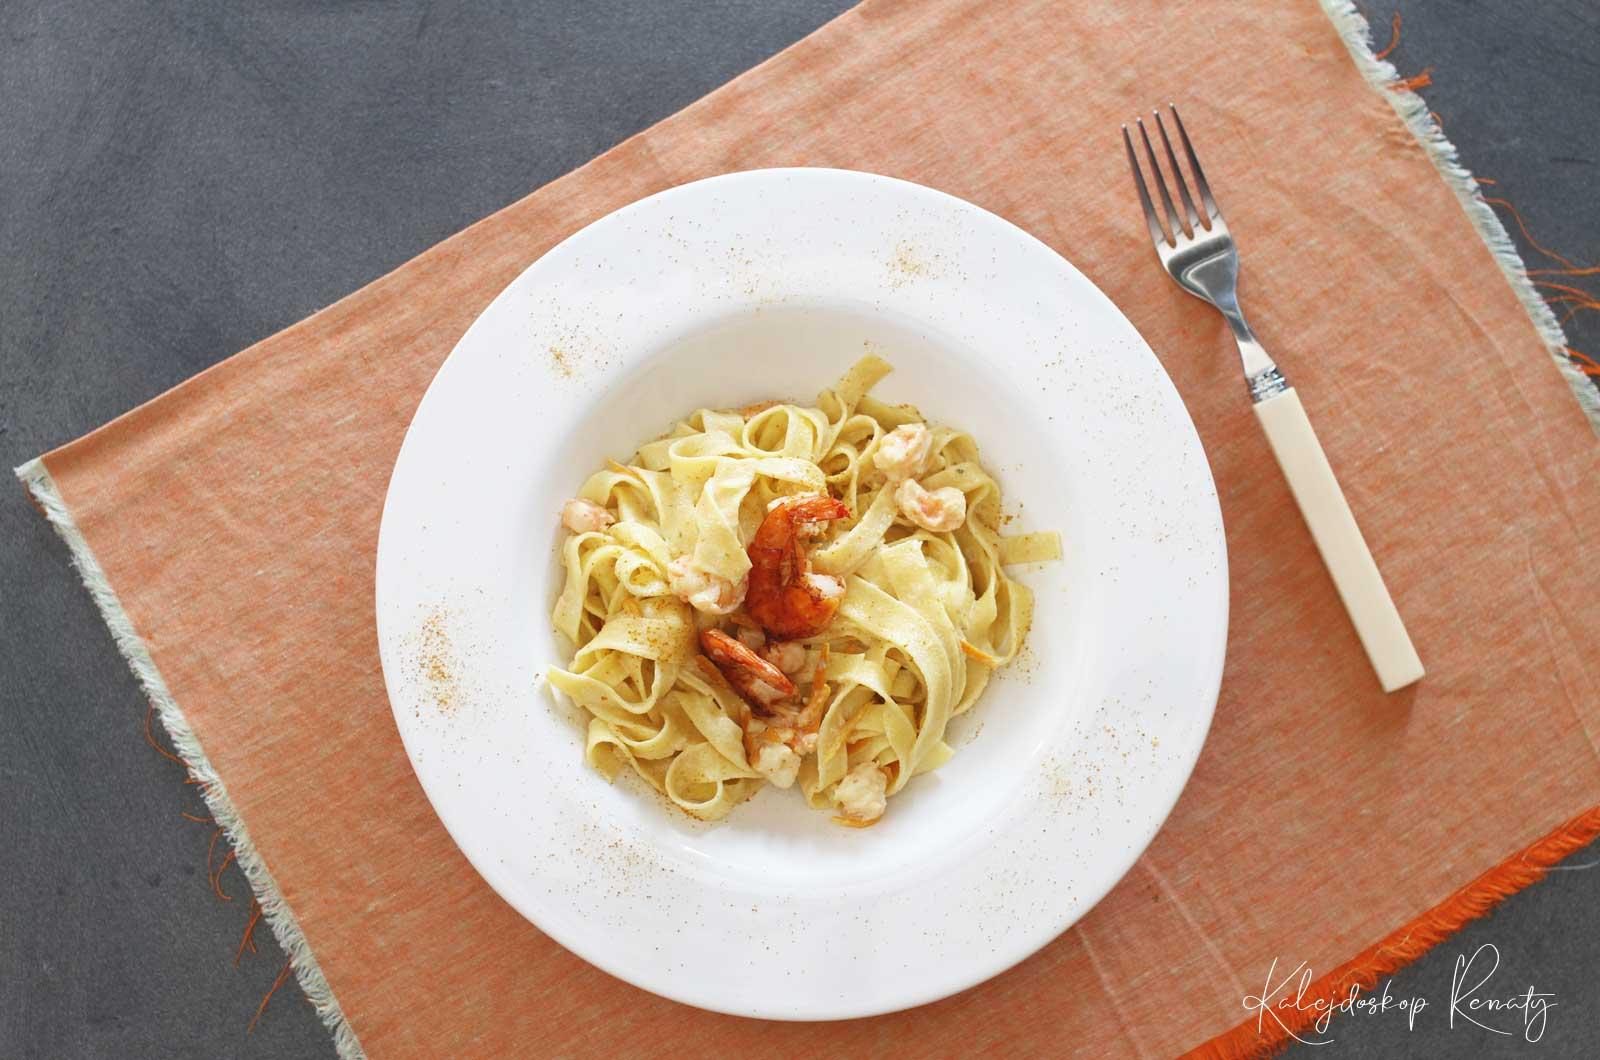 Tagliatelle z pomarańczą i krewetkami – najlepszy przepis na makaron z krewetkami!